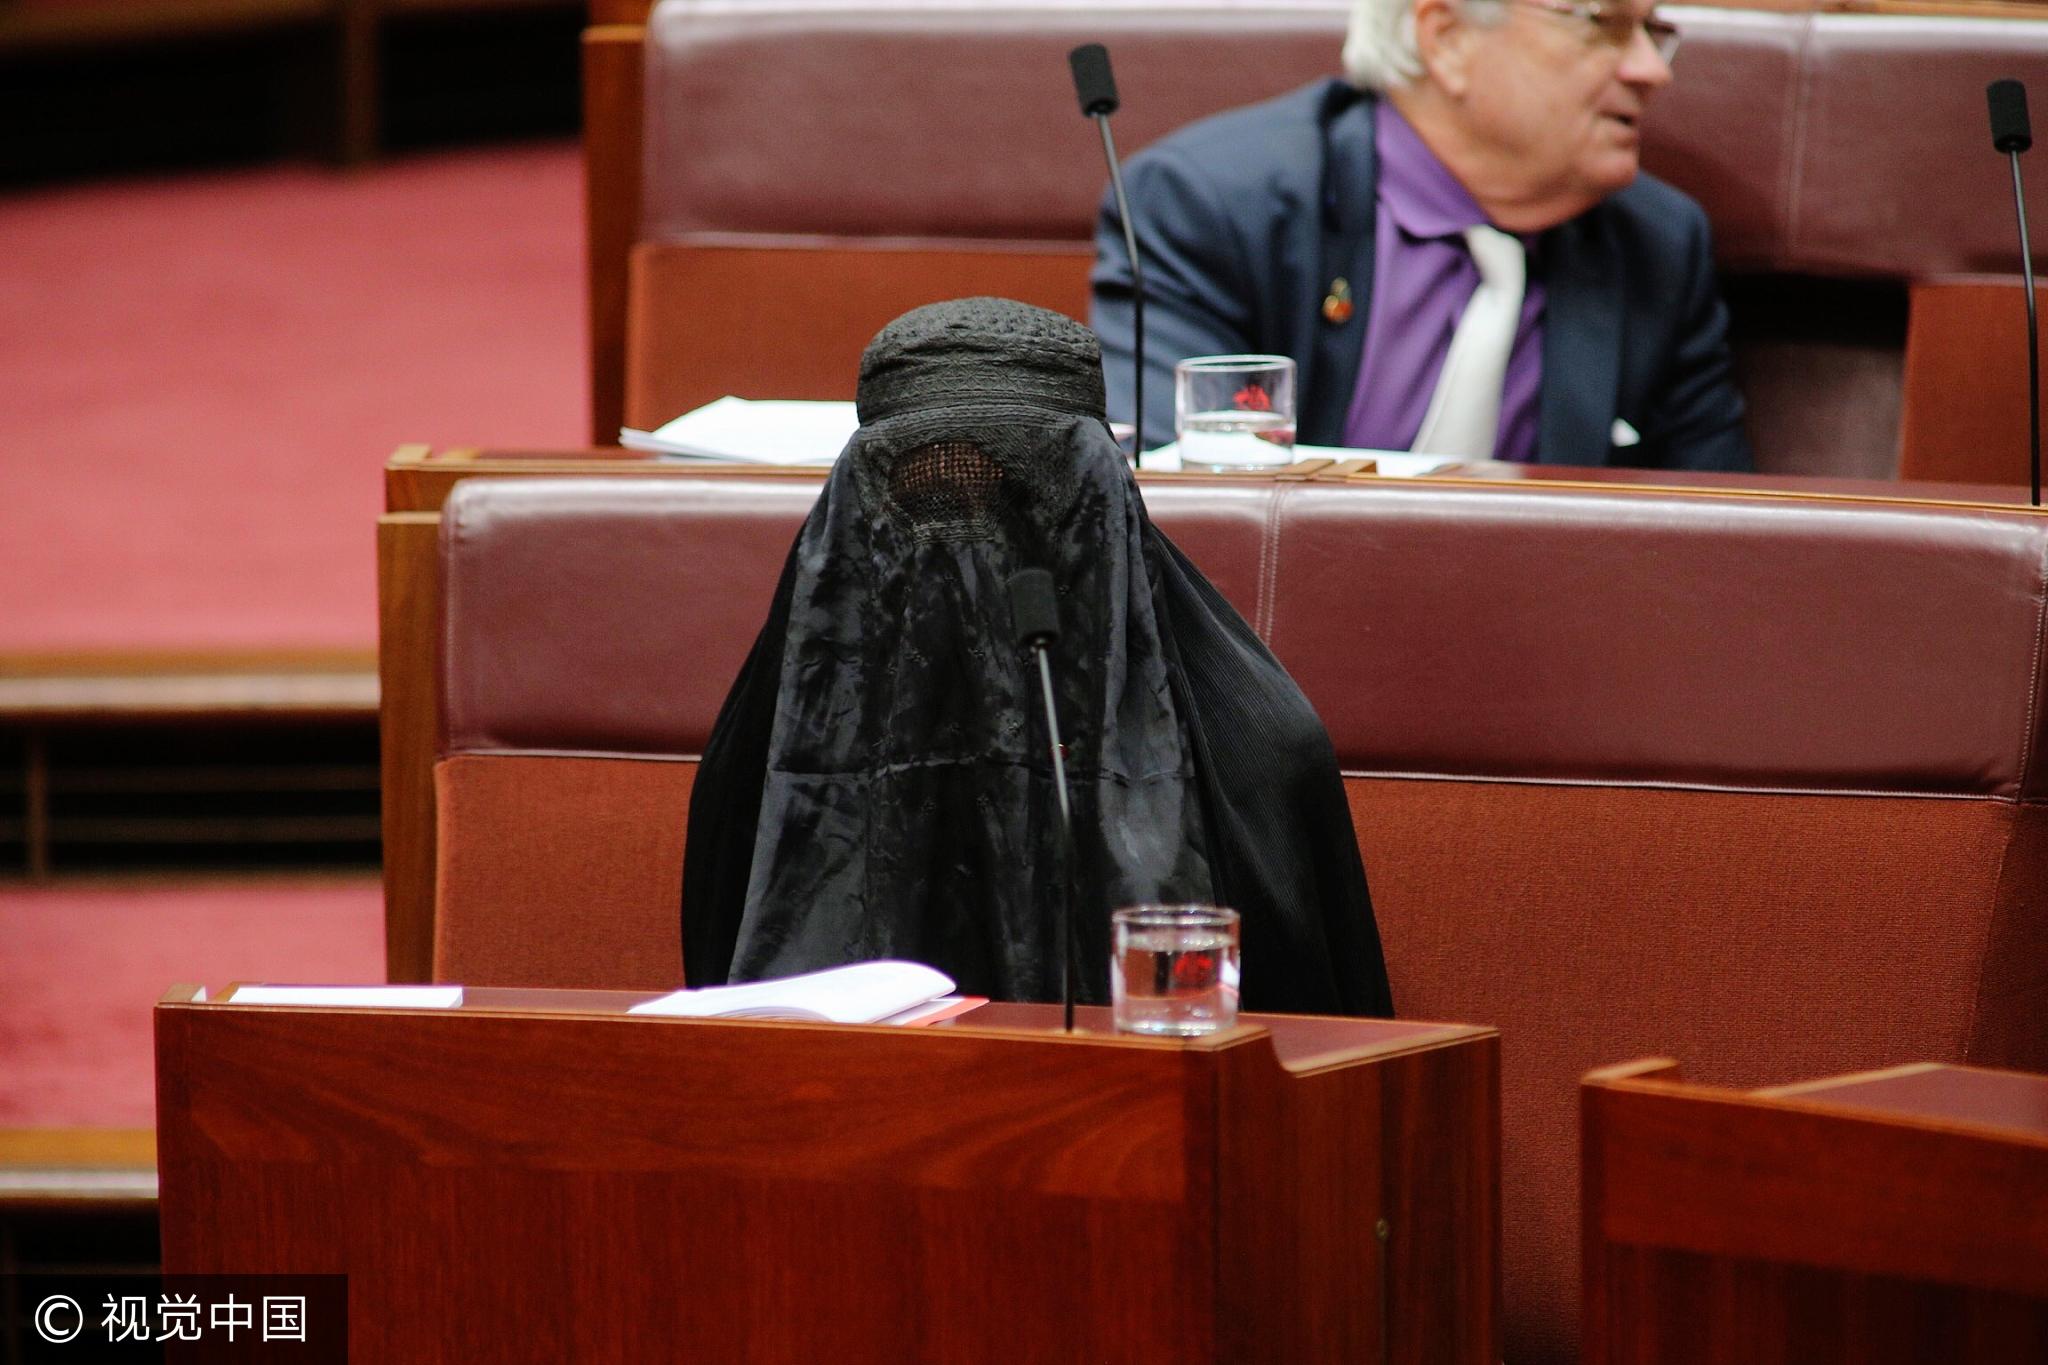 澳大利亚右翼女党魁穿成这样去议会 震惊众人(图)